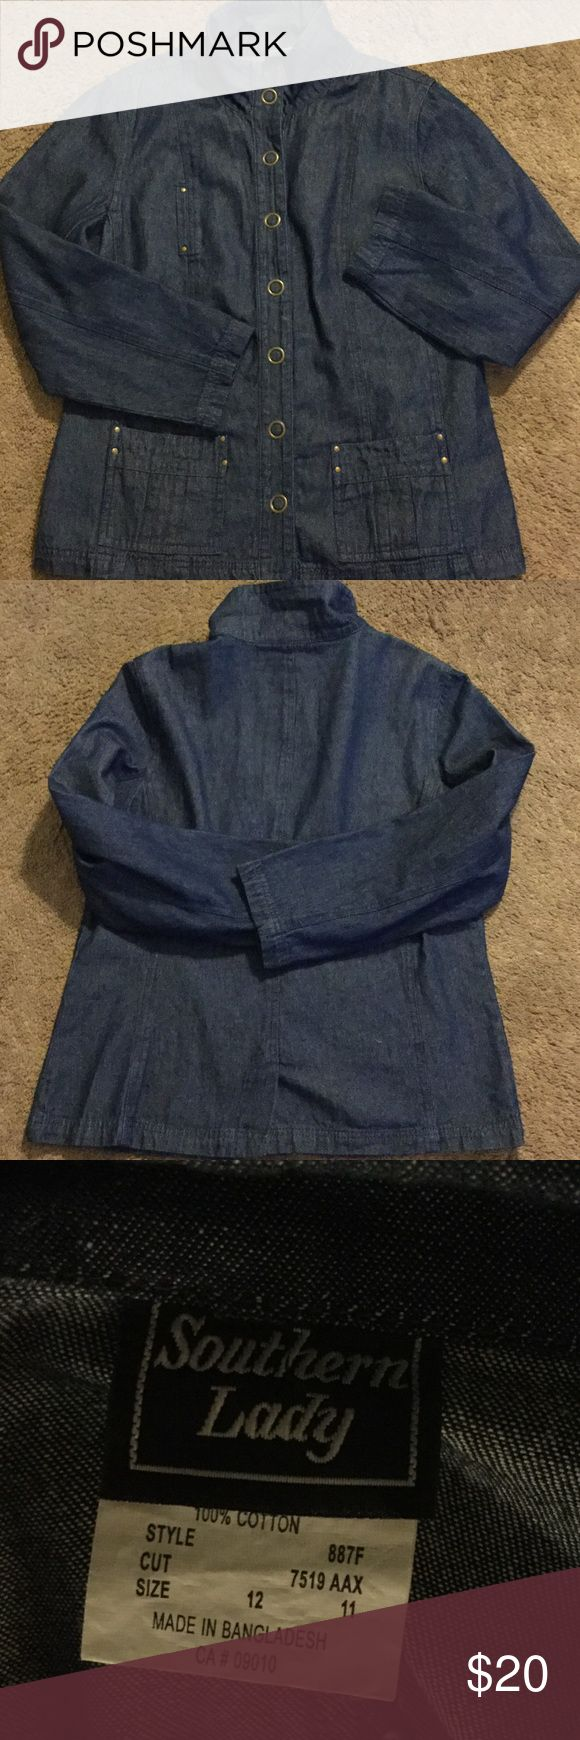 Southern Lady Denim Jacket, Size 12 Southern Lady Denim Jacket, Size 12, gently worn Southern Lady Jackets & Coats Jean Jackets